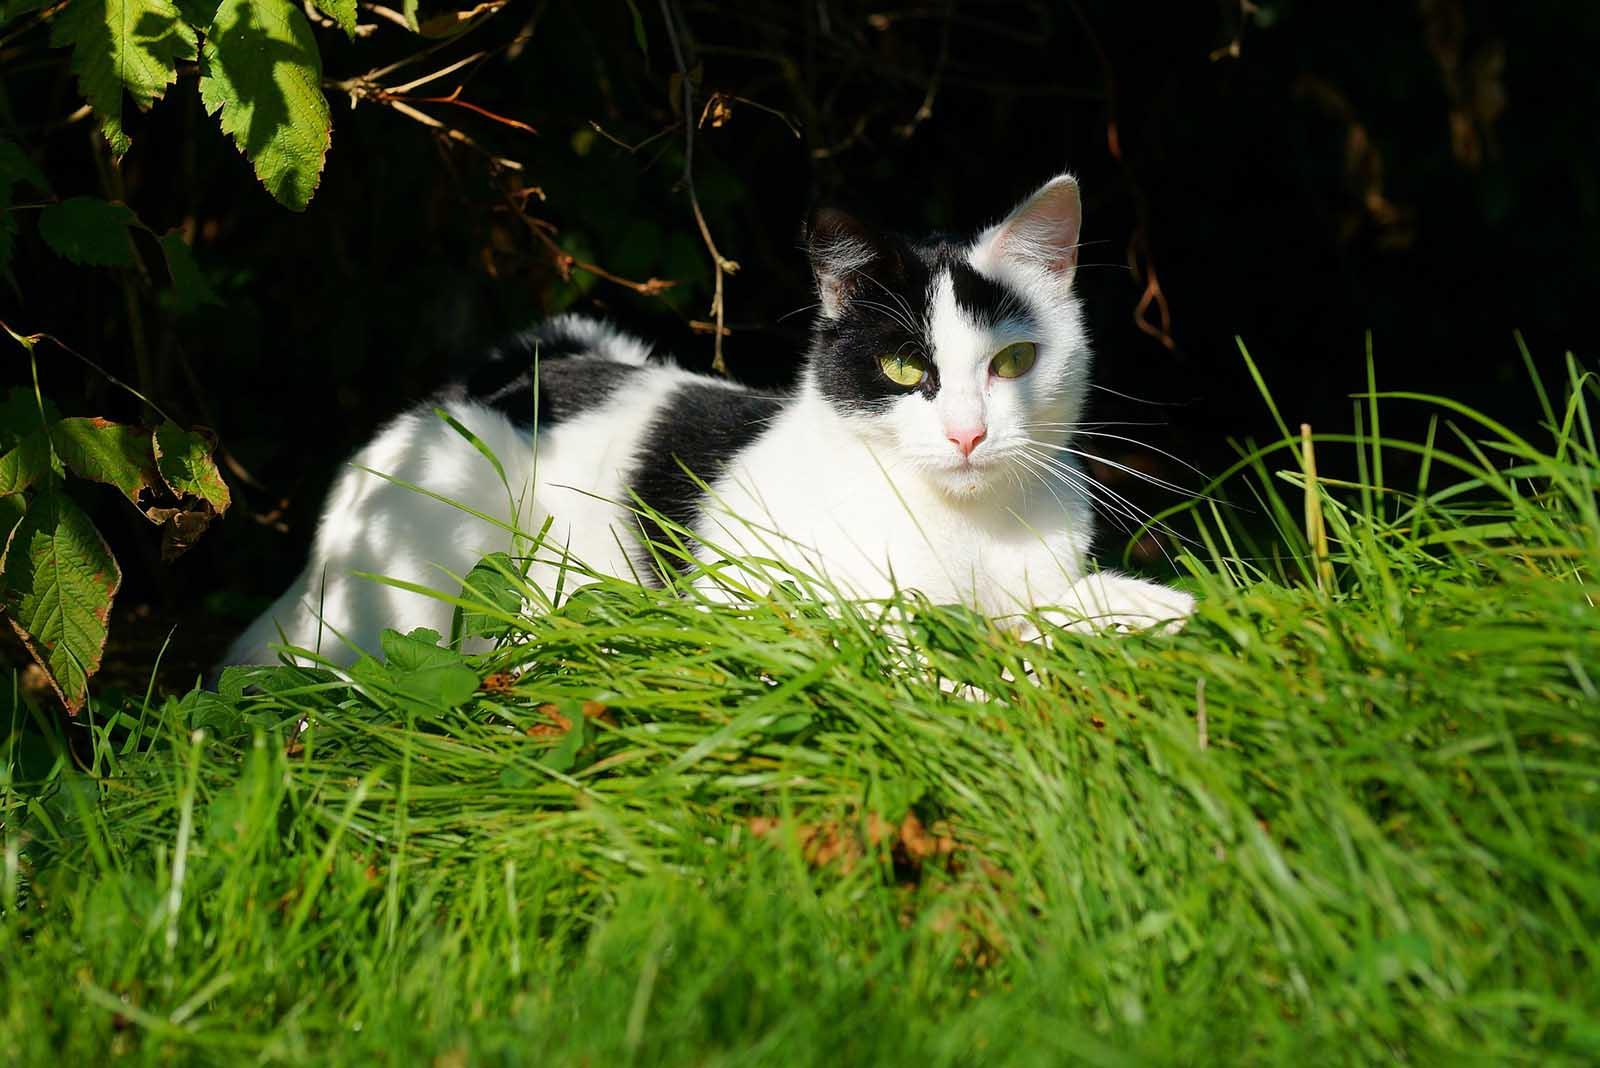 Katze abkühlen bei Hitze – die 5 besten Tipps